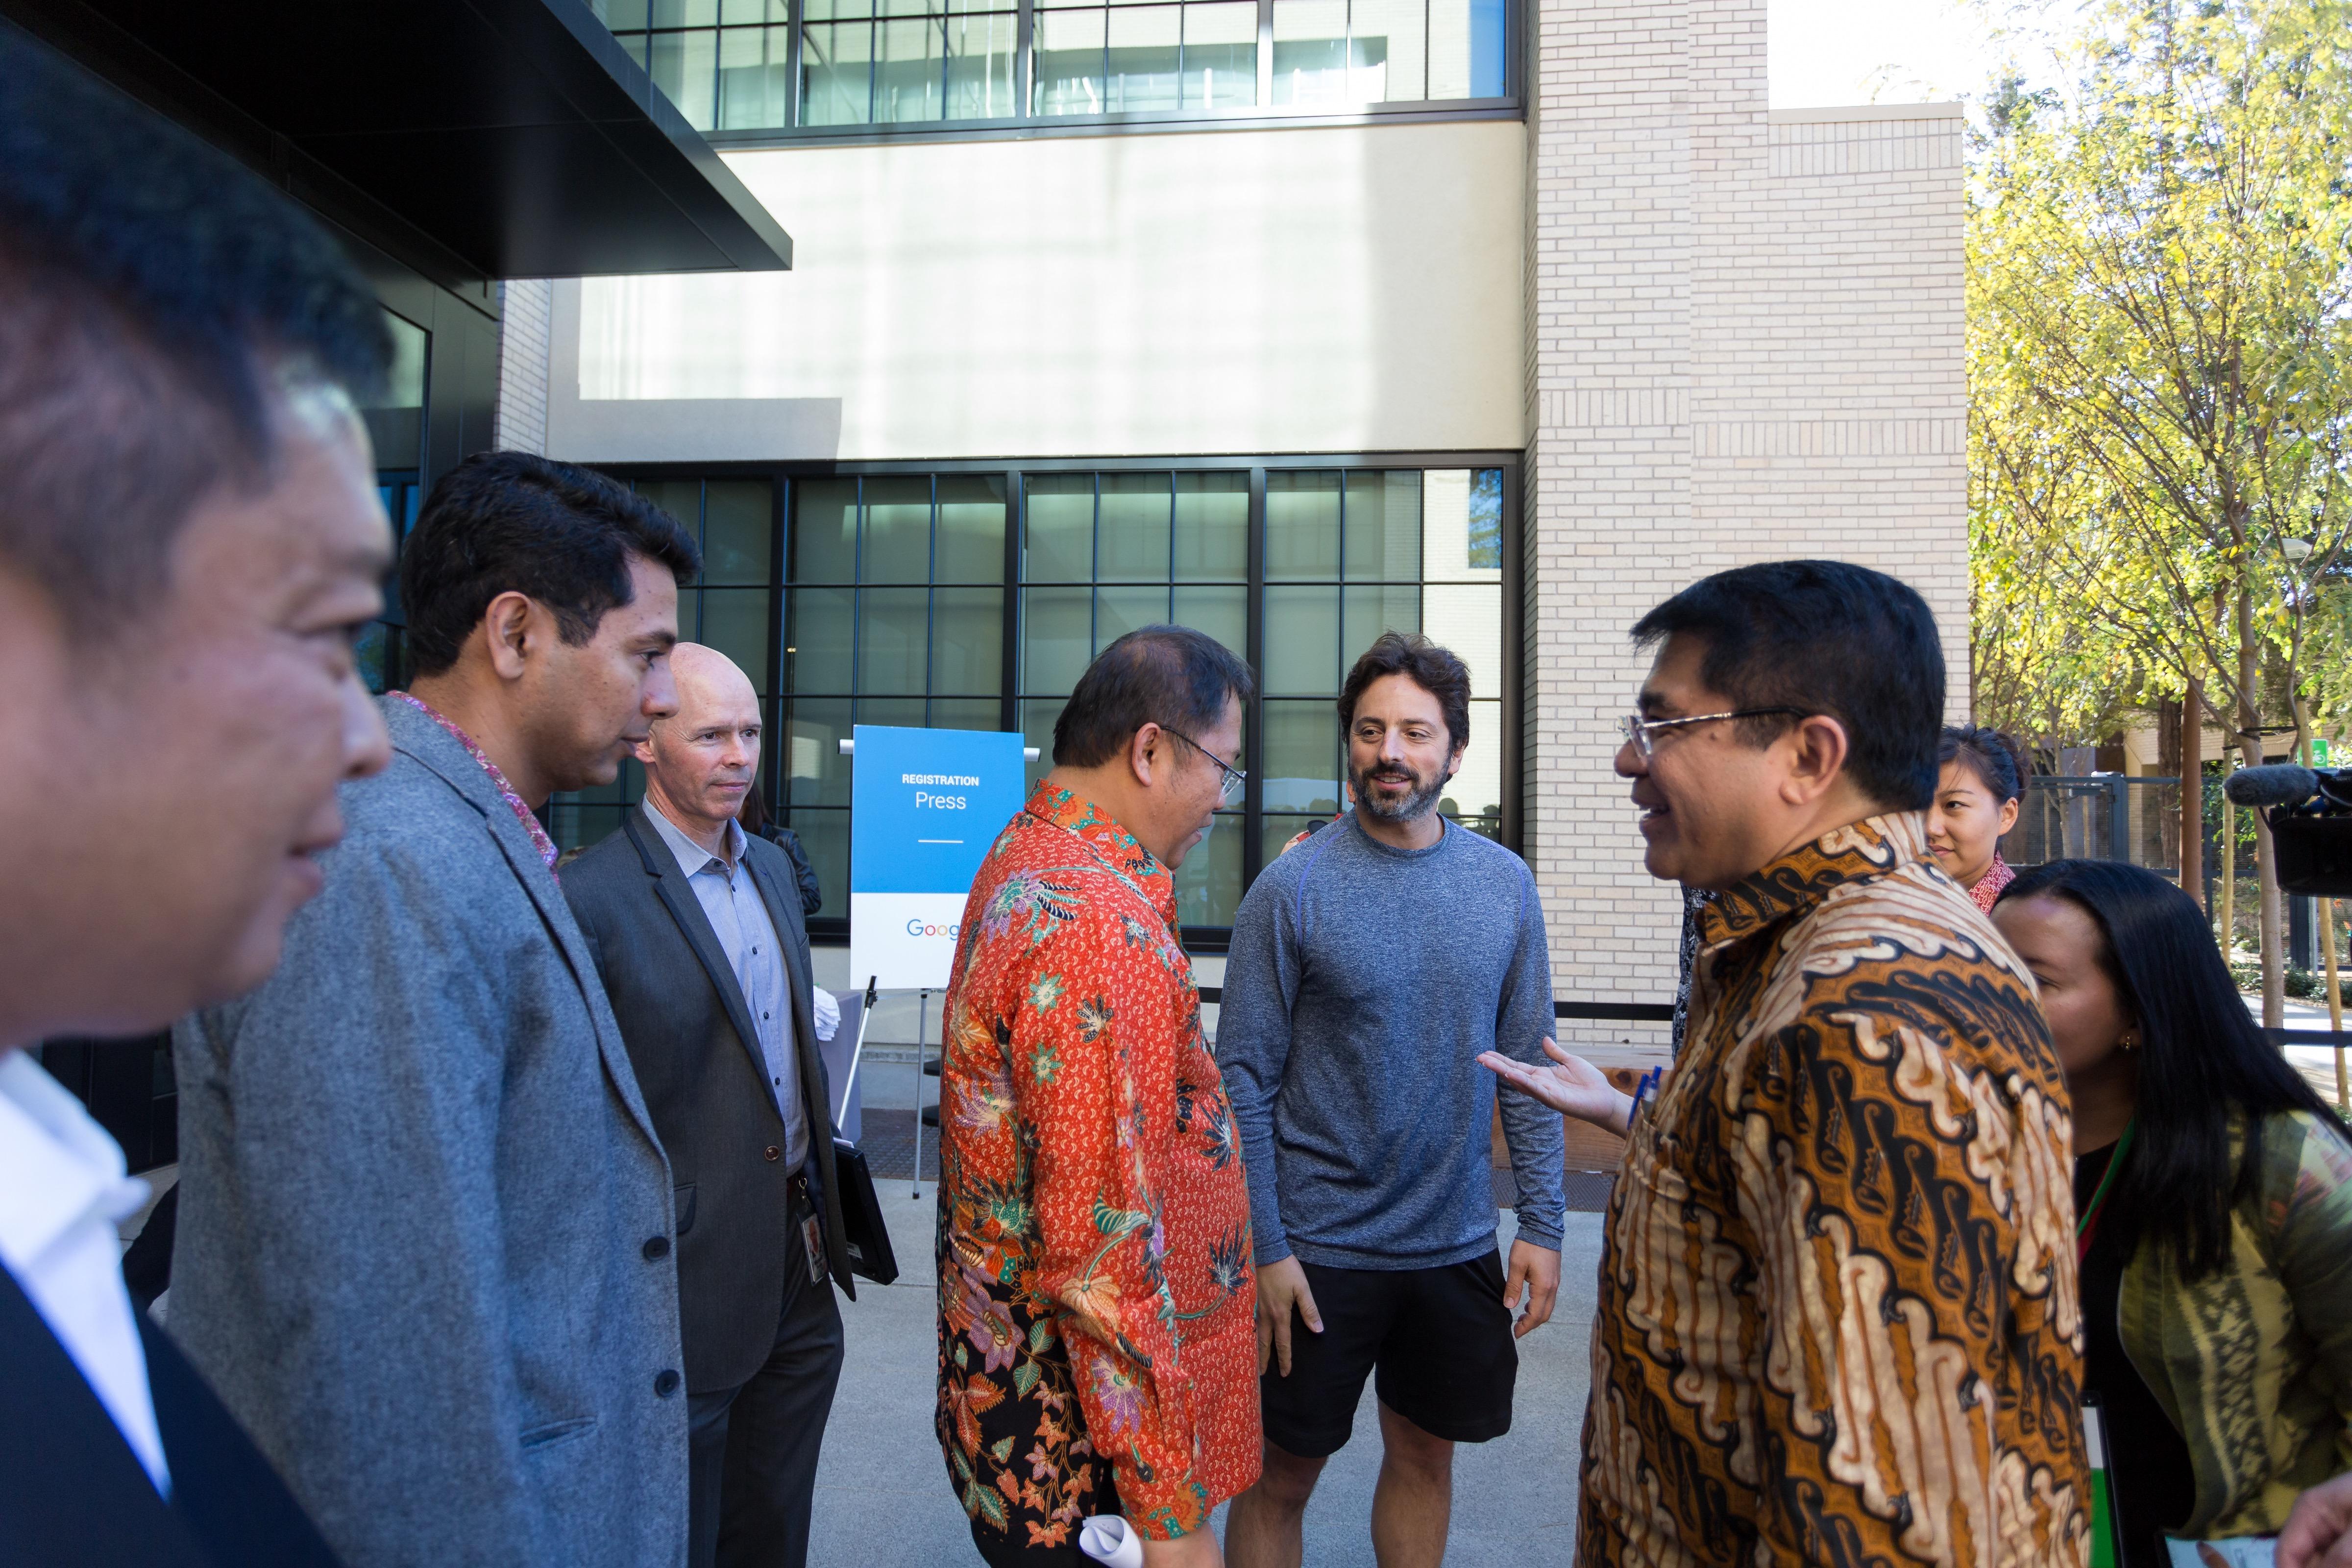 Indo delegation visit to SV - 113 of 115